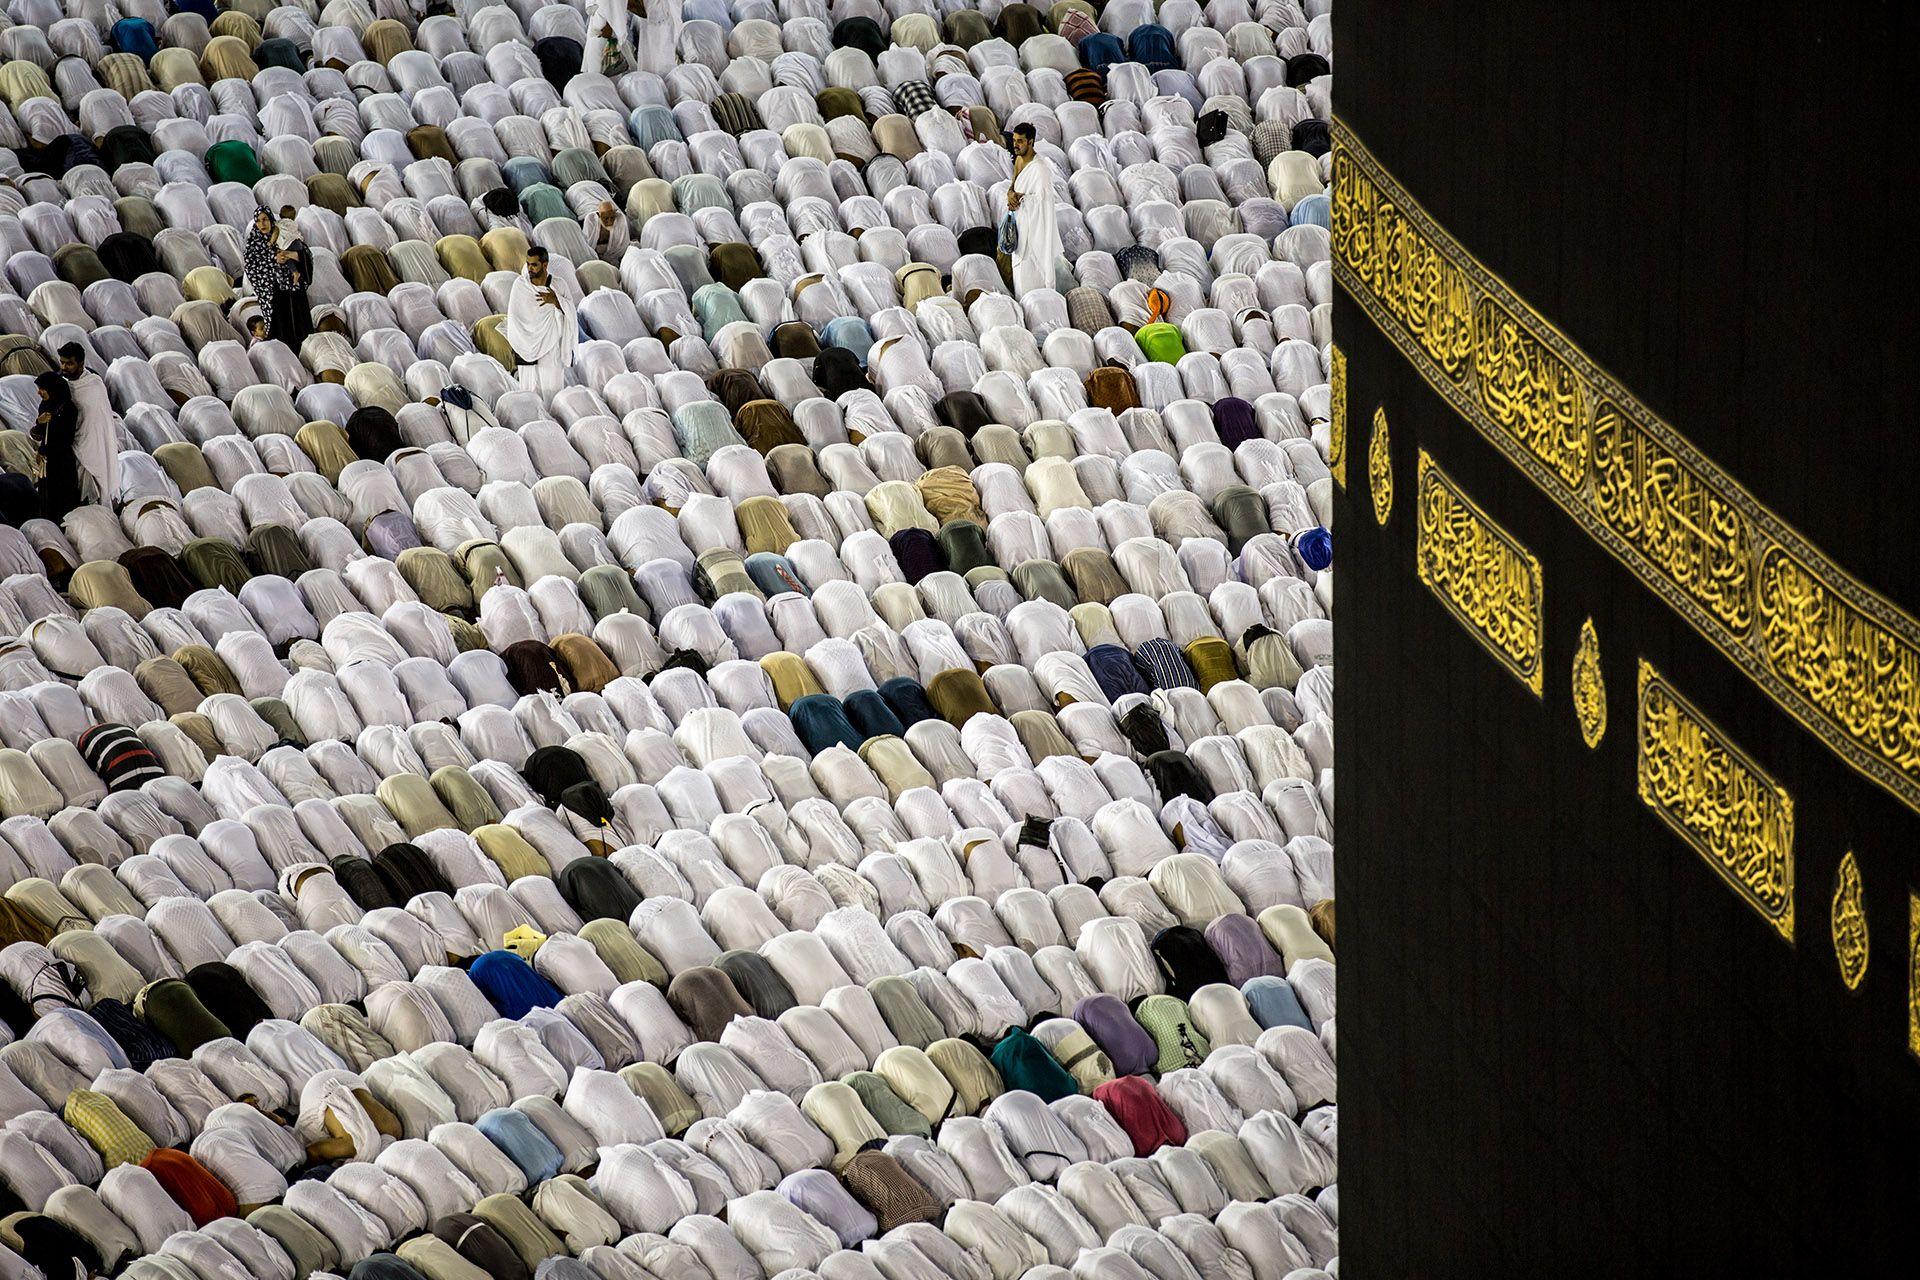 Qiblah